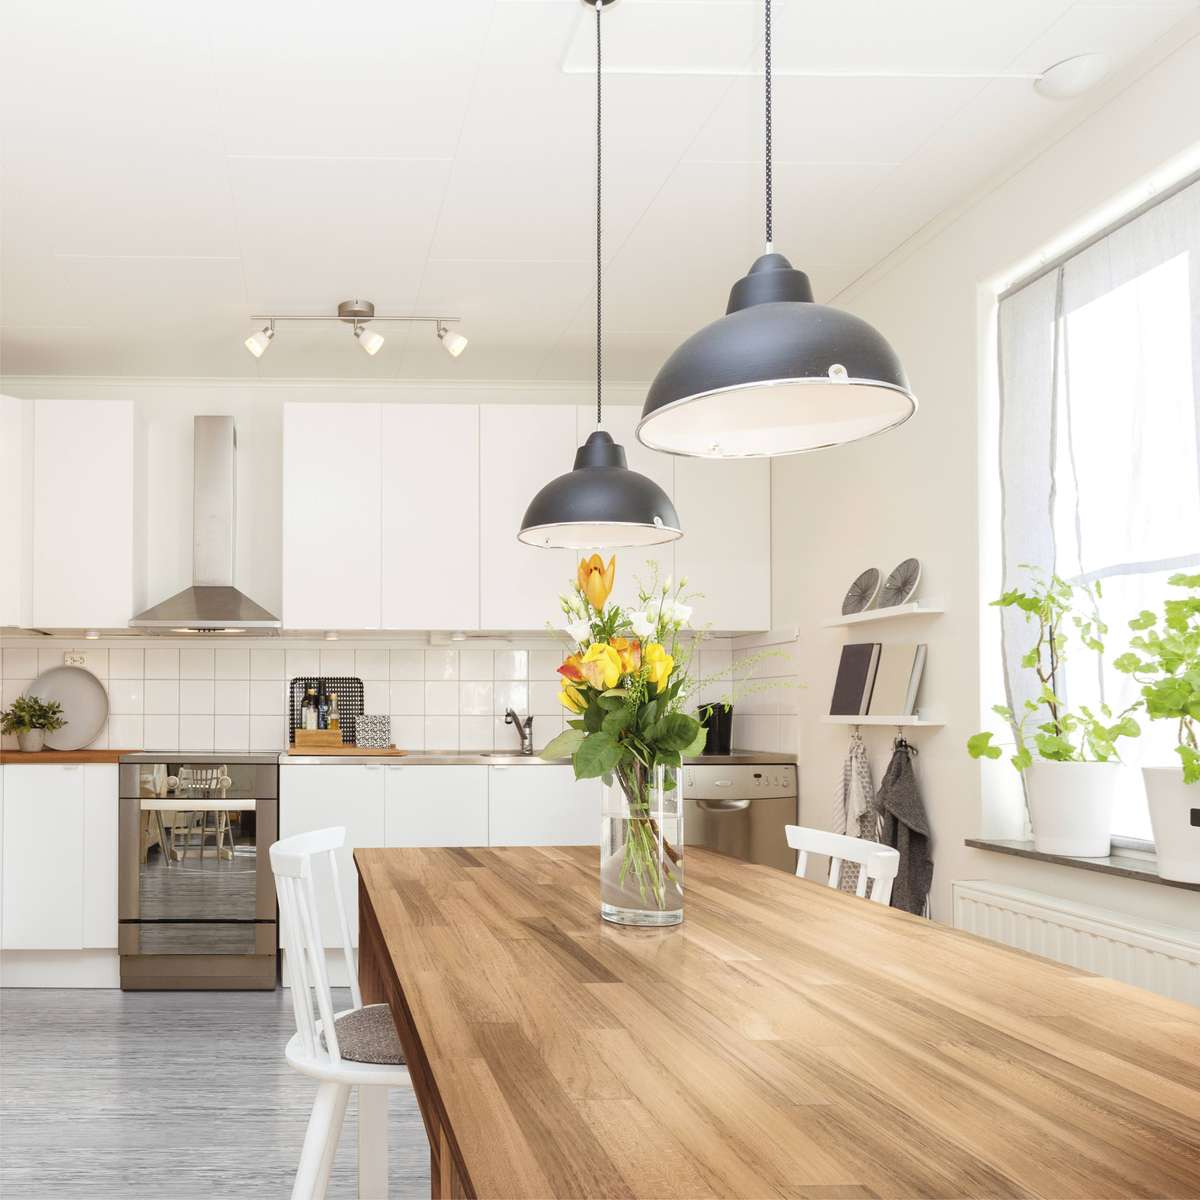 Kuchnia W Drewnie Rzezbiona Drewniane Blaty Kuchenne Dom